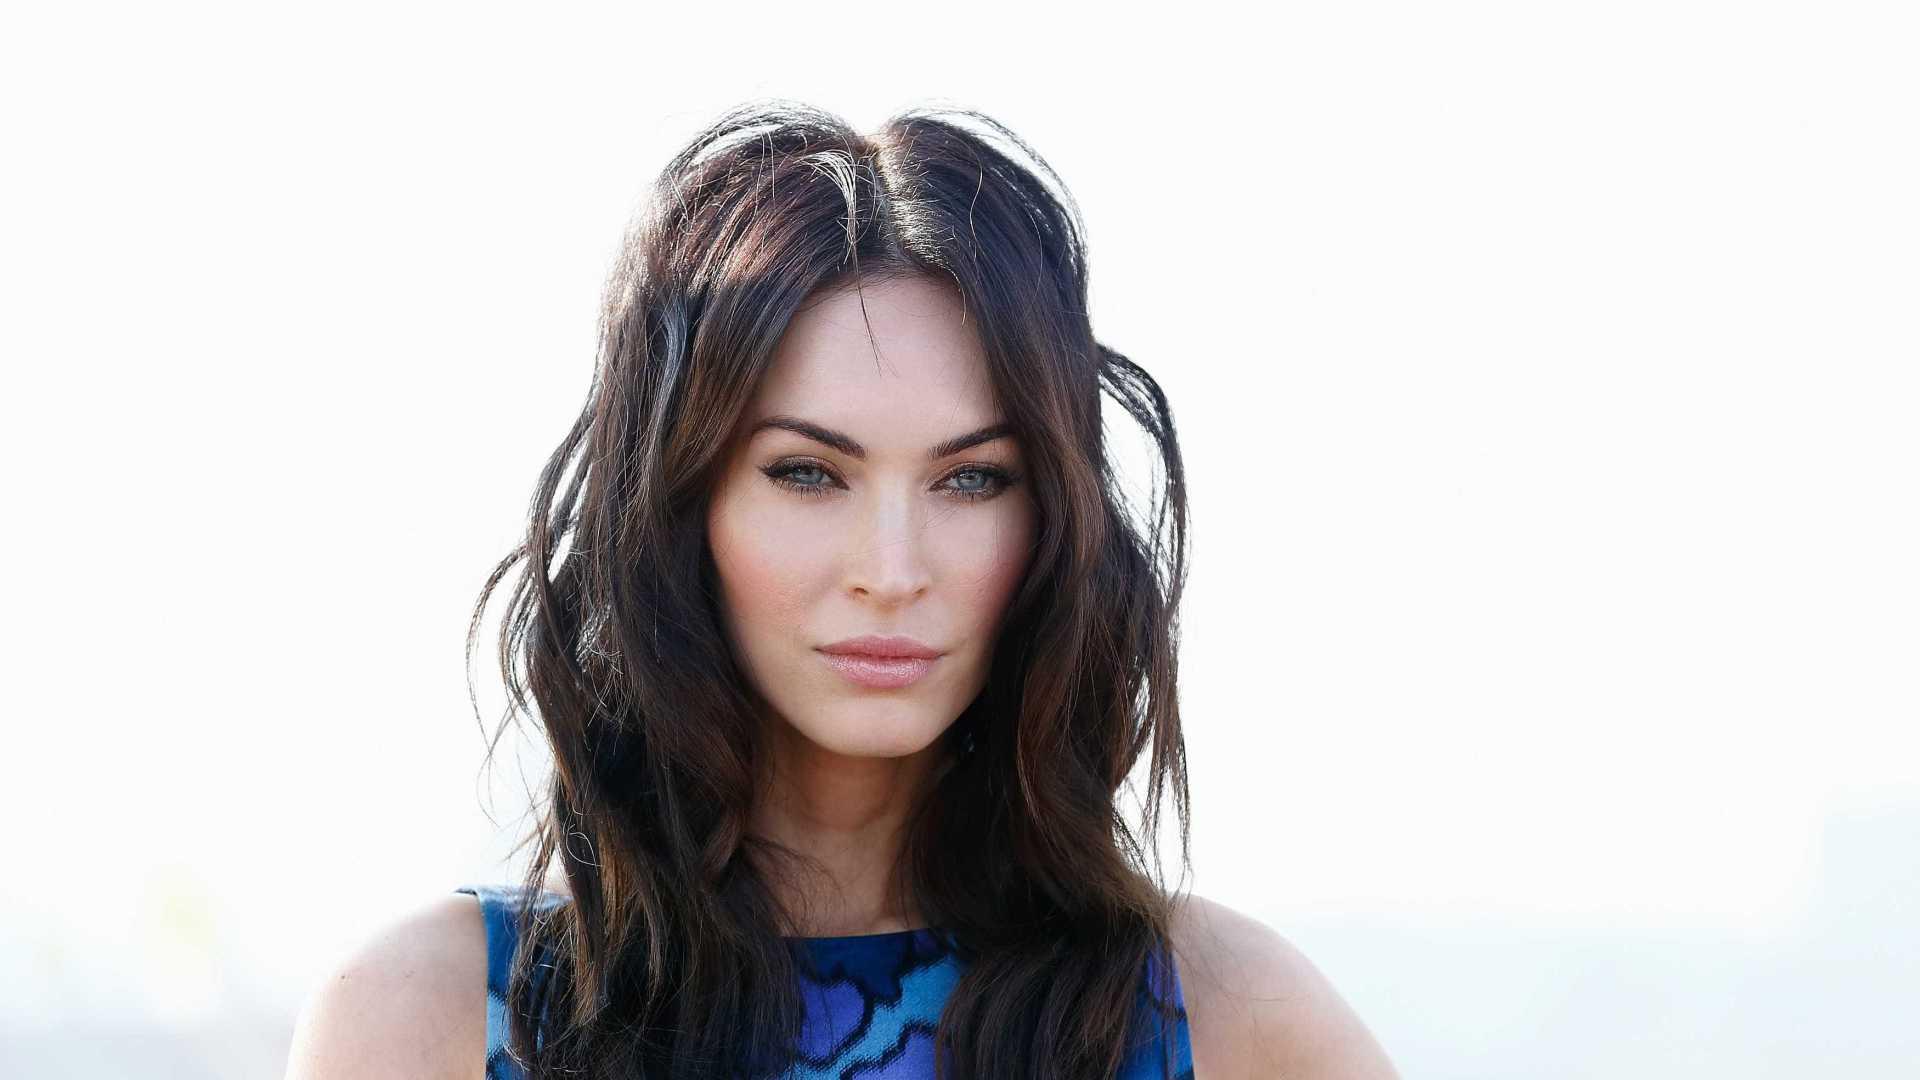 Megan Fox sentiu-se injustiçada quando denunciou assédio. Agora, cala-se